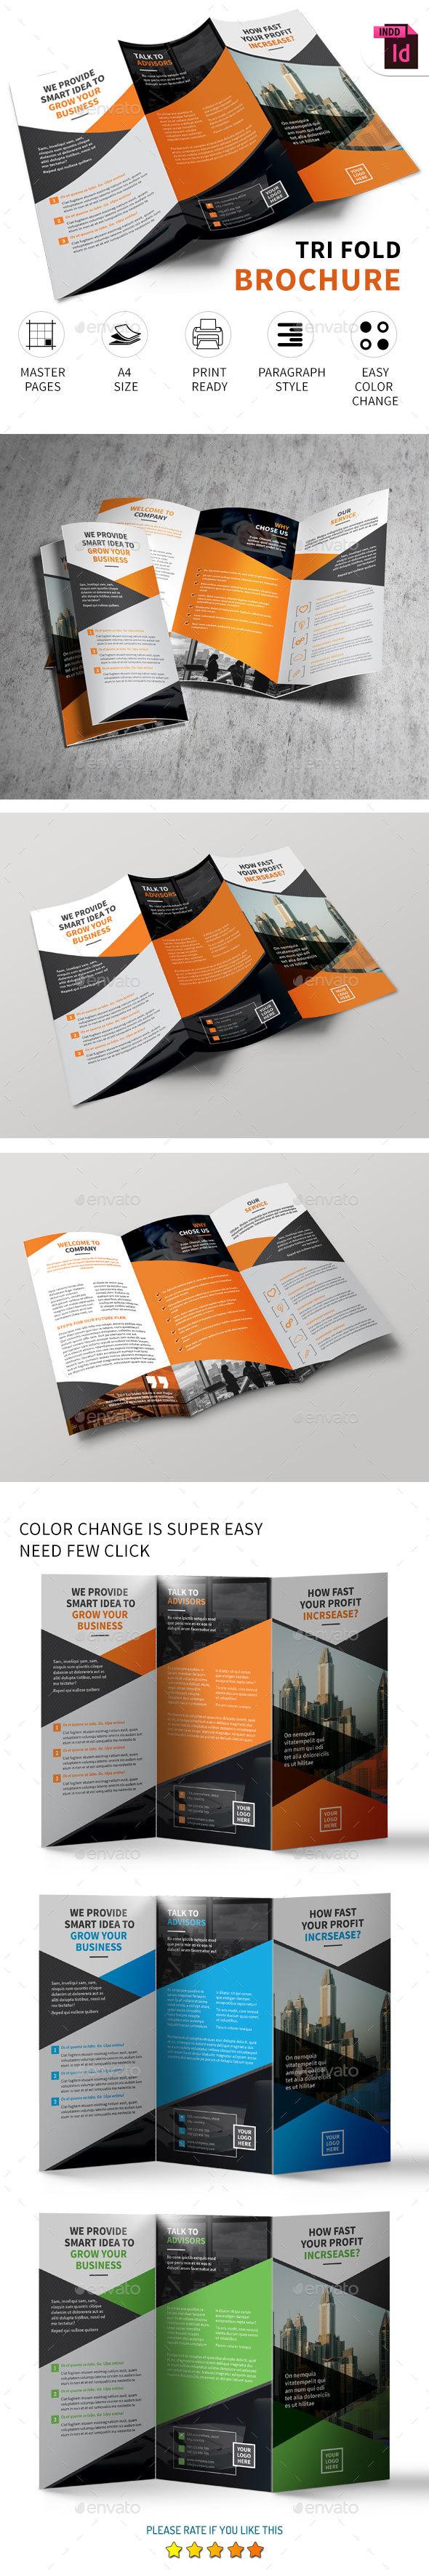 Corporate Tri-fold Brochure Vol.8 - Corporate Brochures